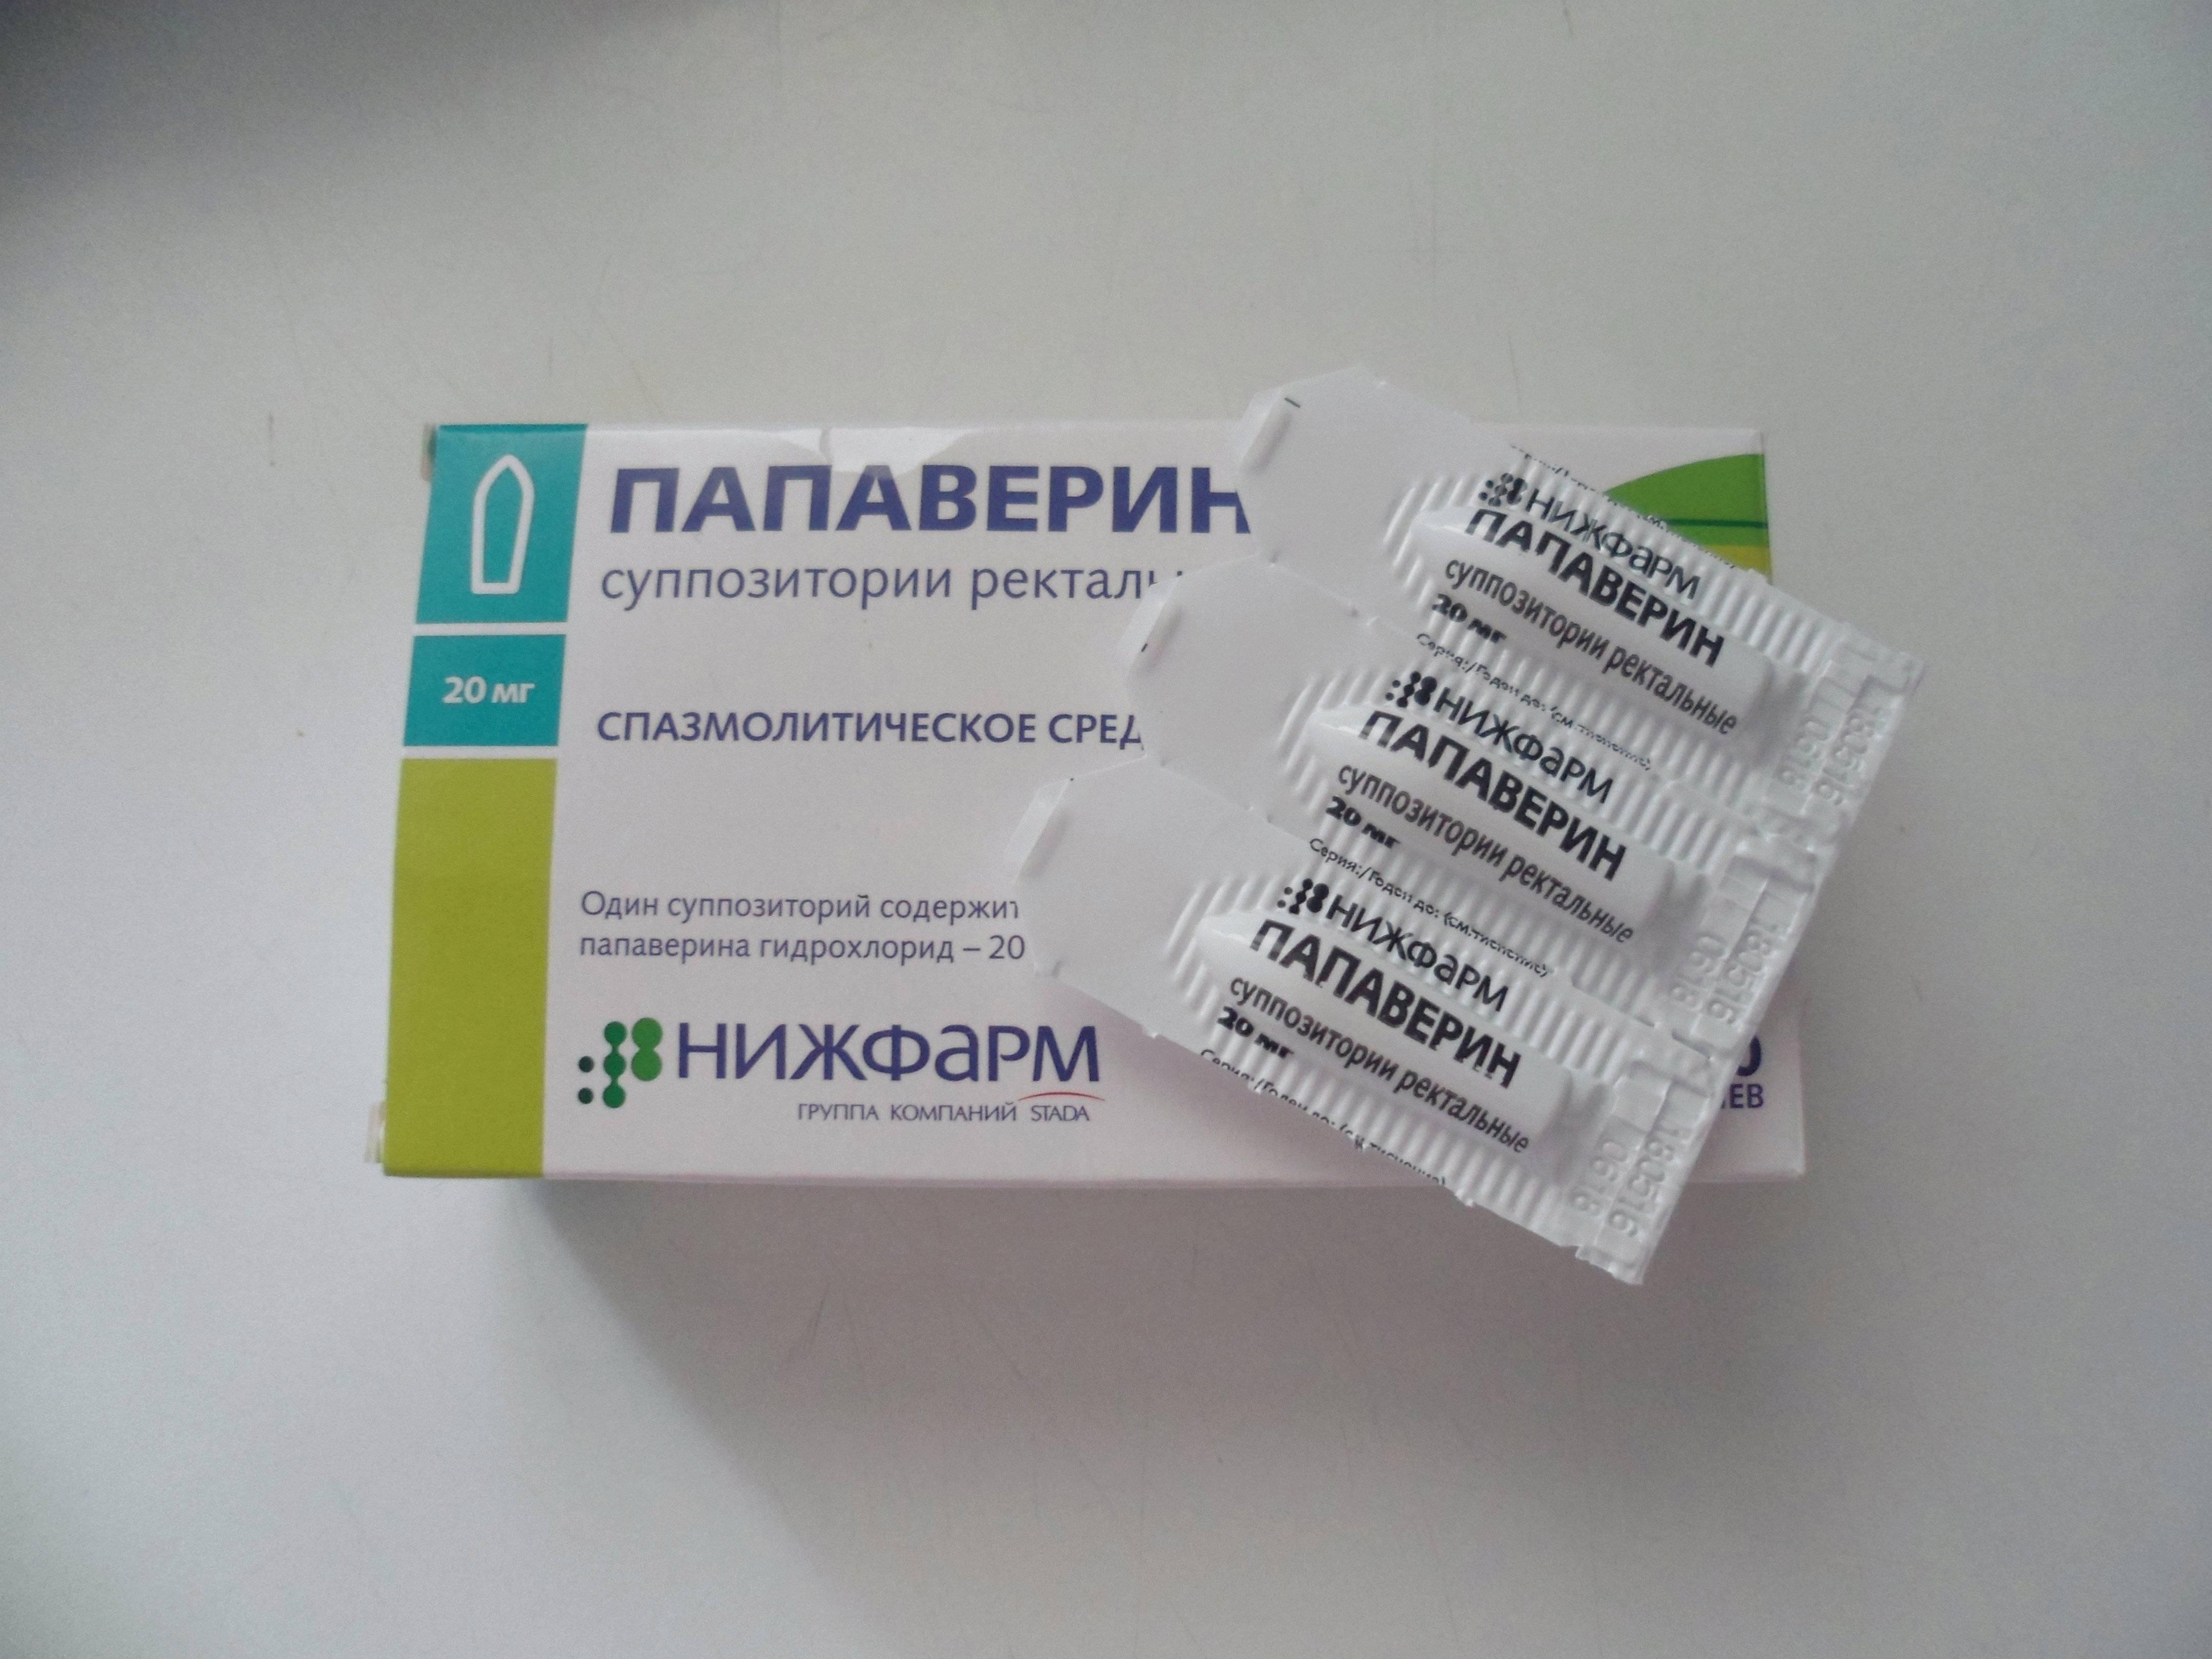 Свечи от геморроя при беременности (1-3 триместр): отзывы, применение